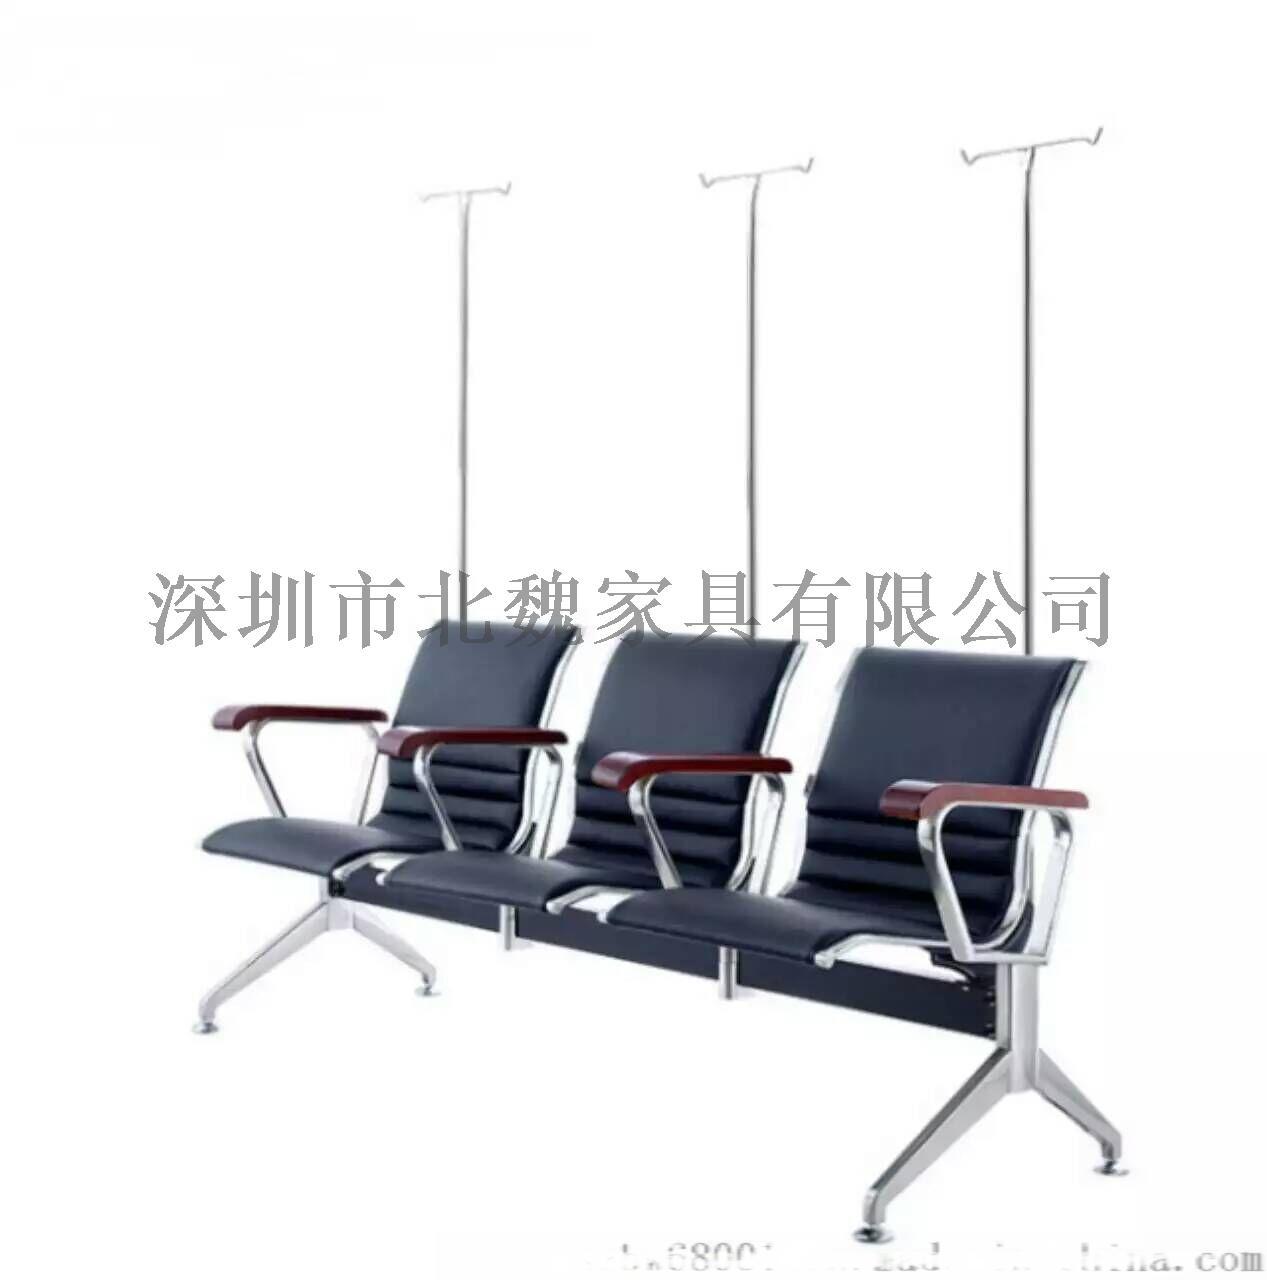 输液椅厂家、输液椅生产厂家、医院输液椅、候诊椅、医用输液椅727845255